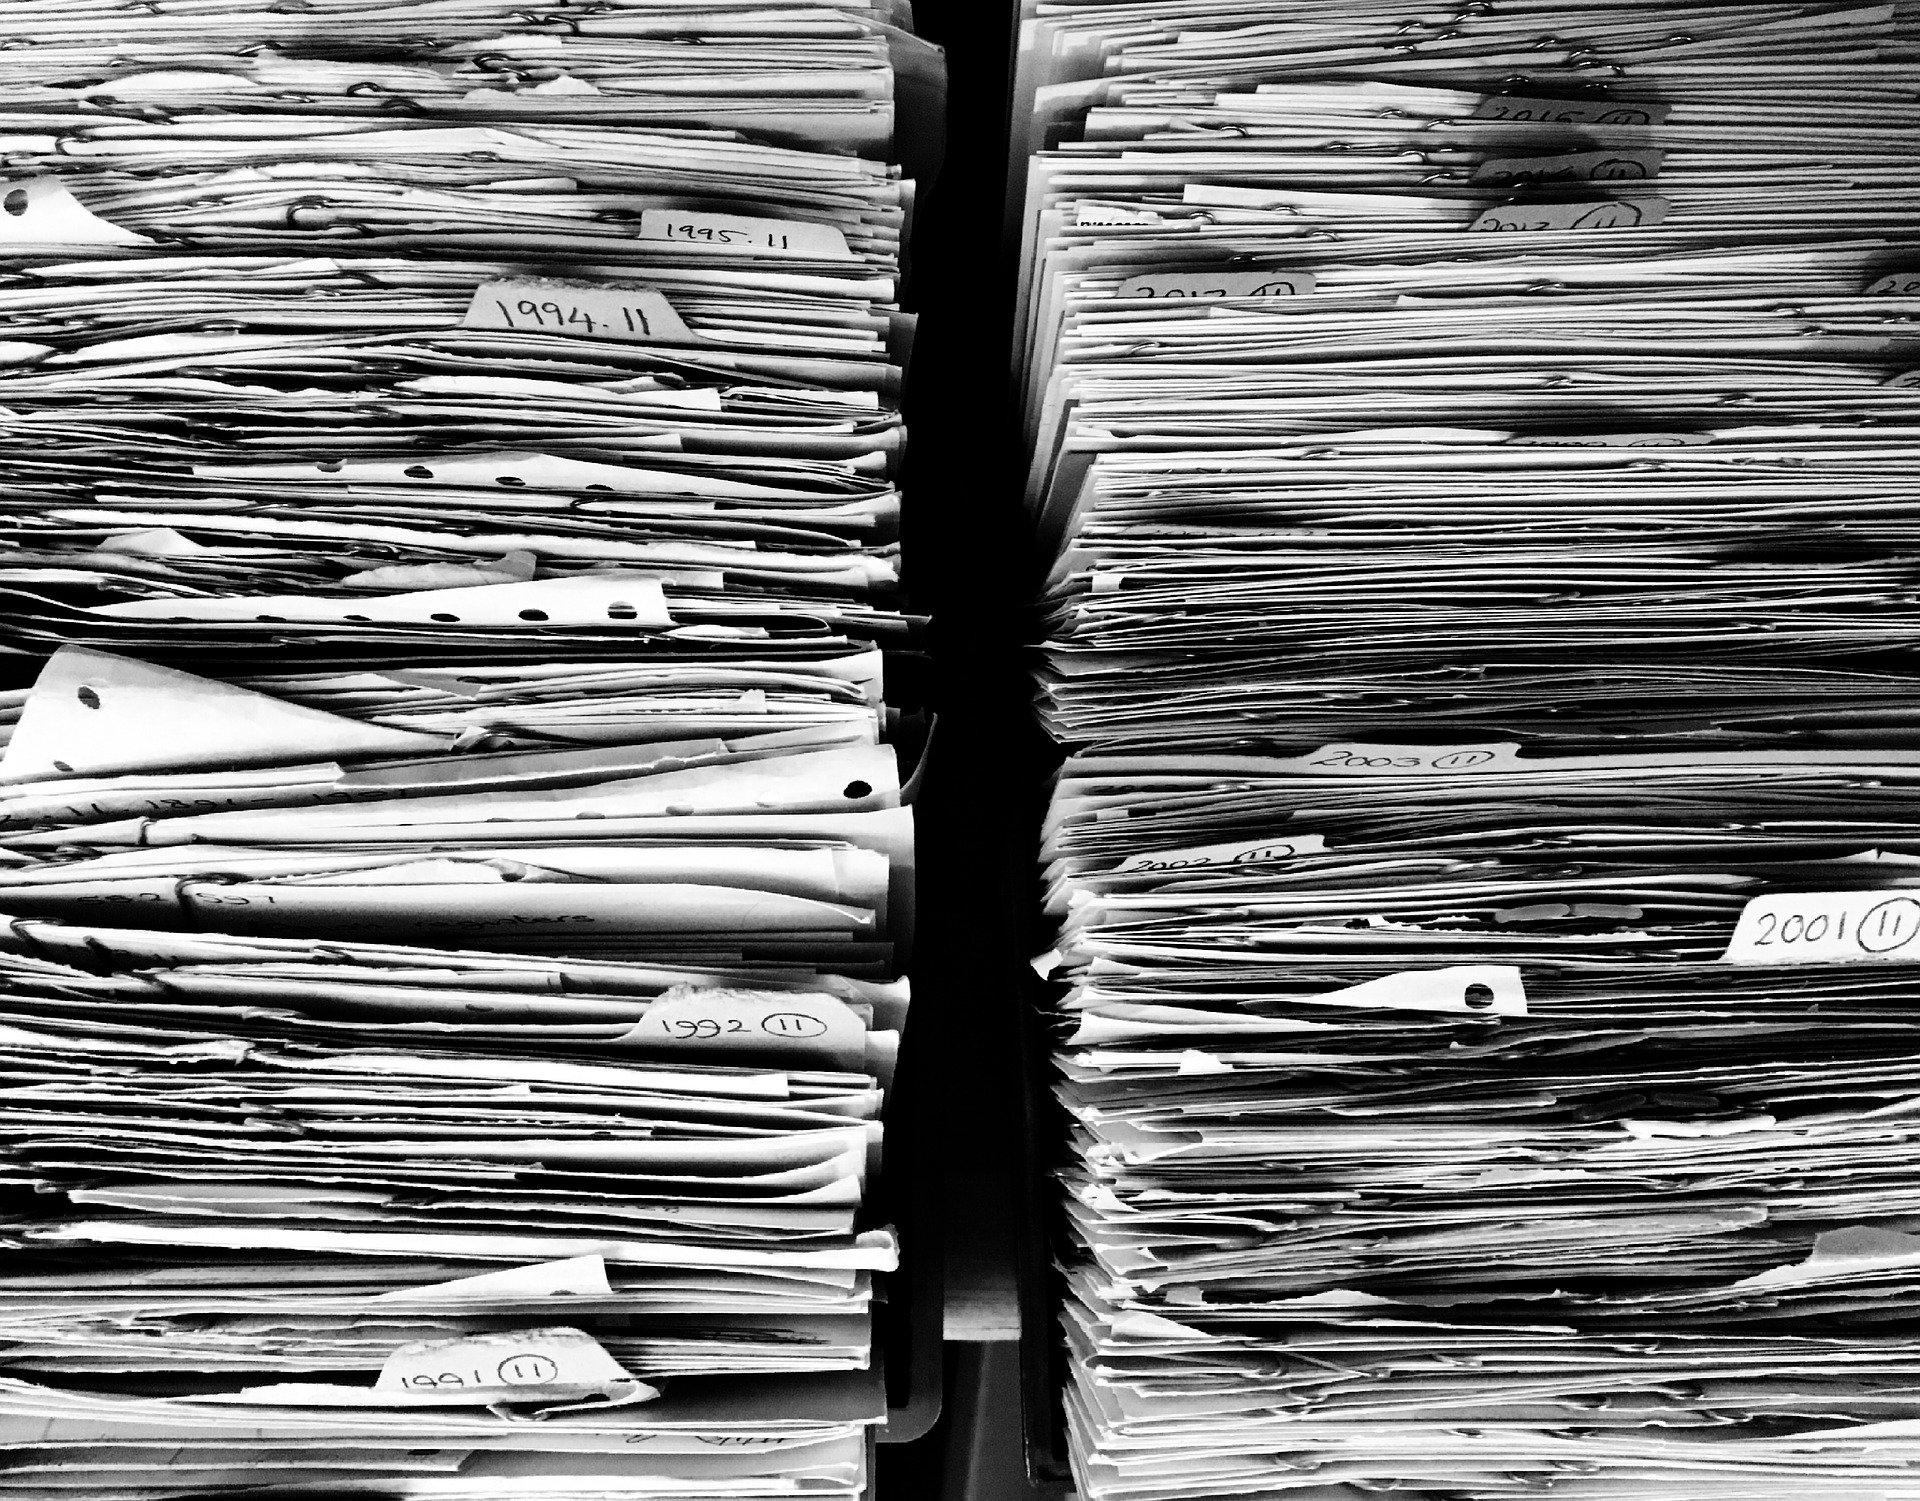 destruccion de papel confidencial en madrid